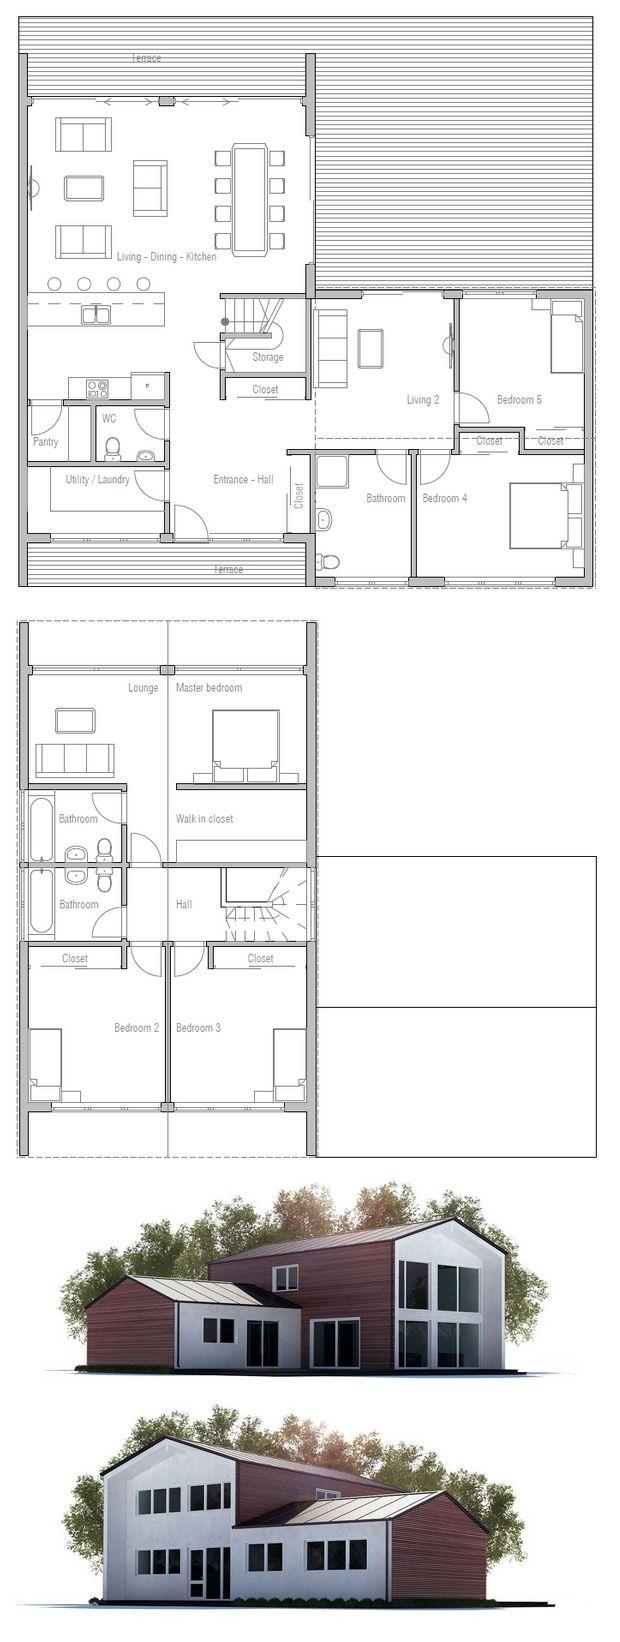 Casa perfecta!!! Planta baja con piso adicional separable, 3 dormitorios en primera planta.